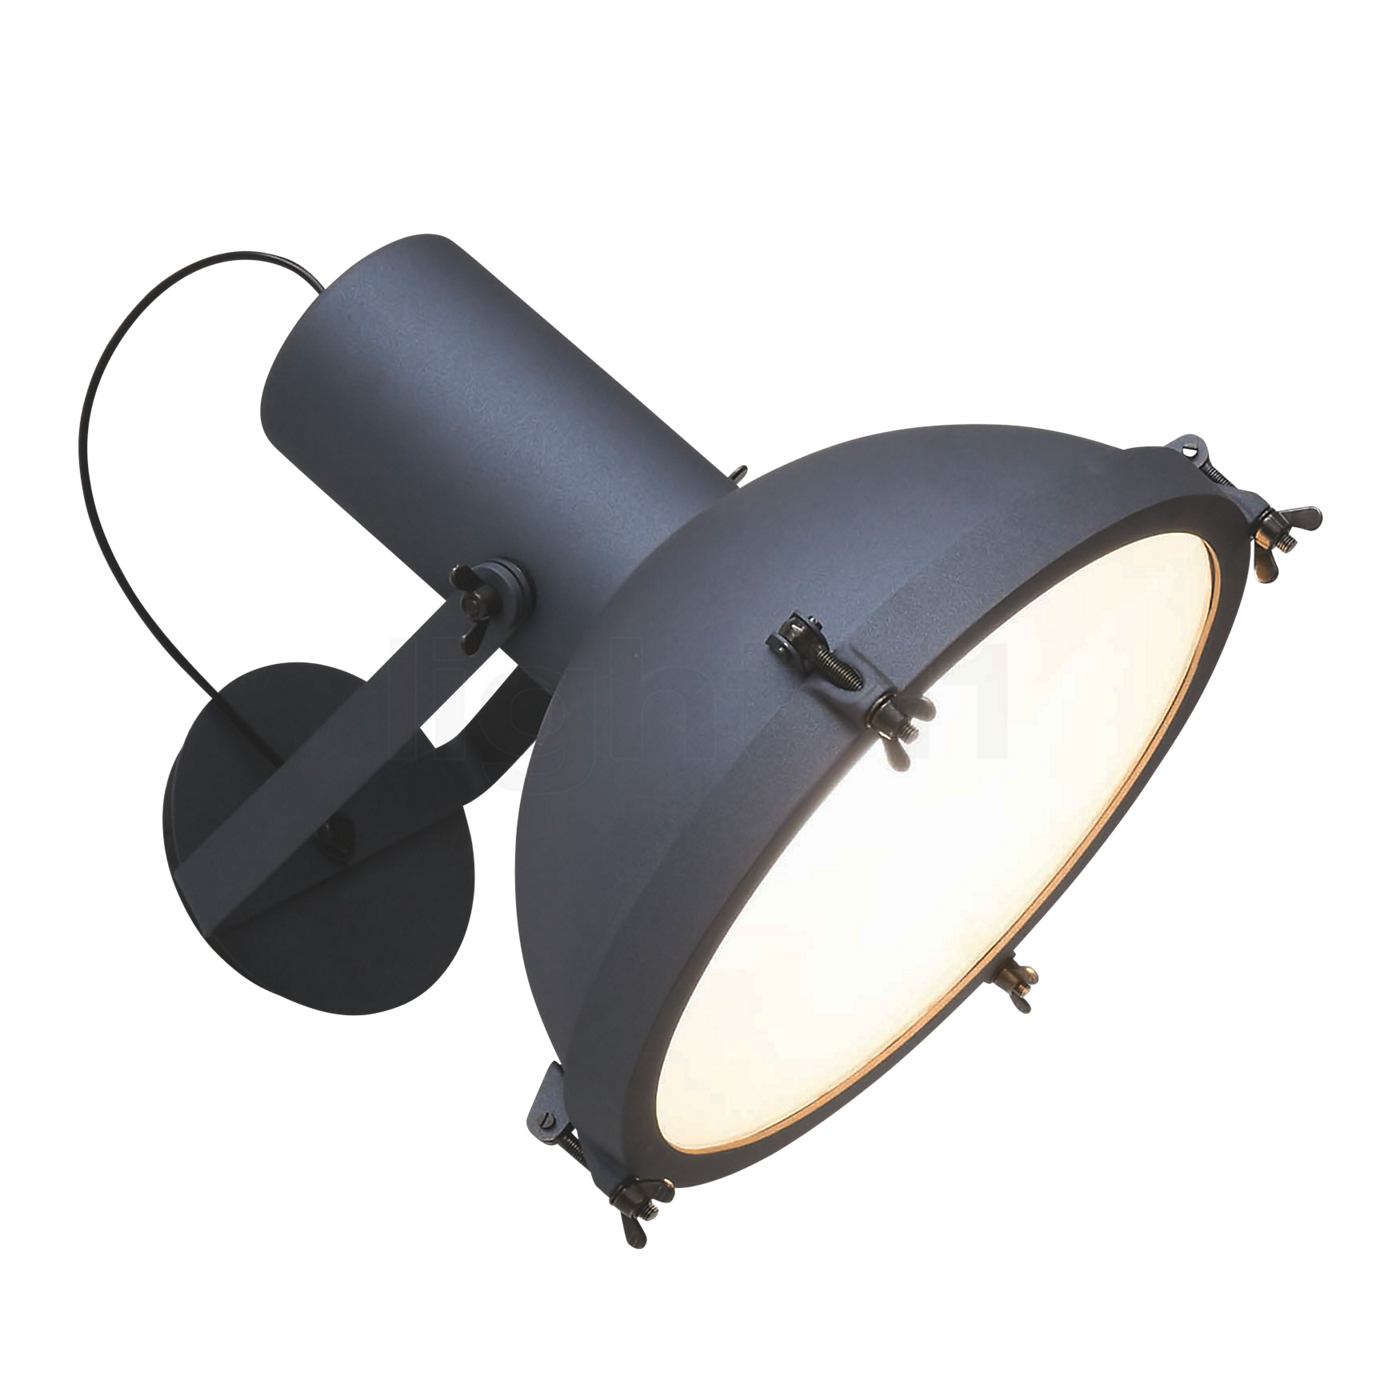 Nemo Projecteur 365 Parete Soffitto Outdoor Applique en vente sur light11